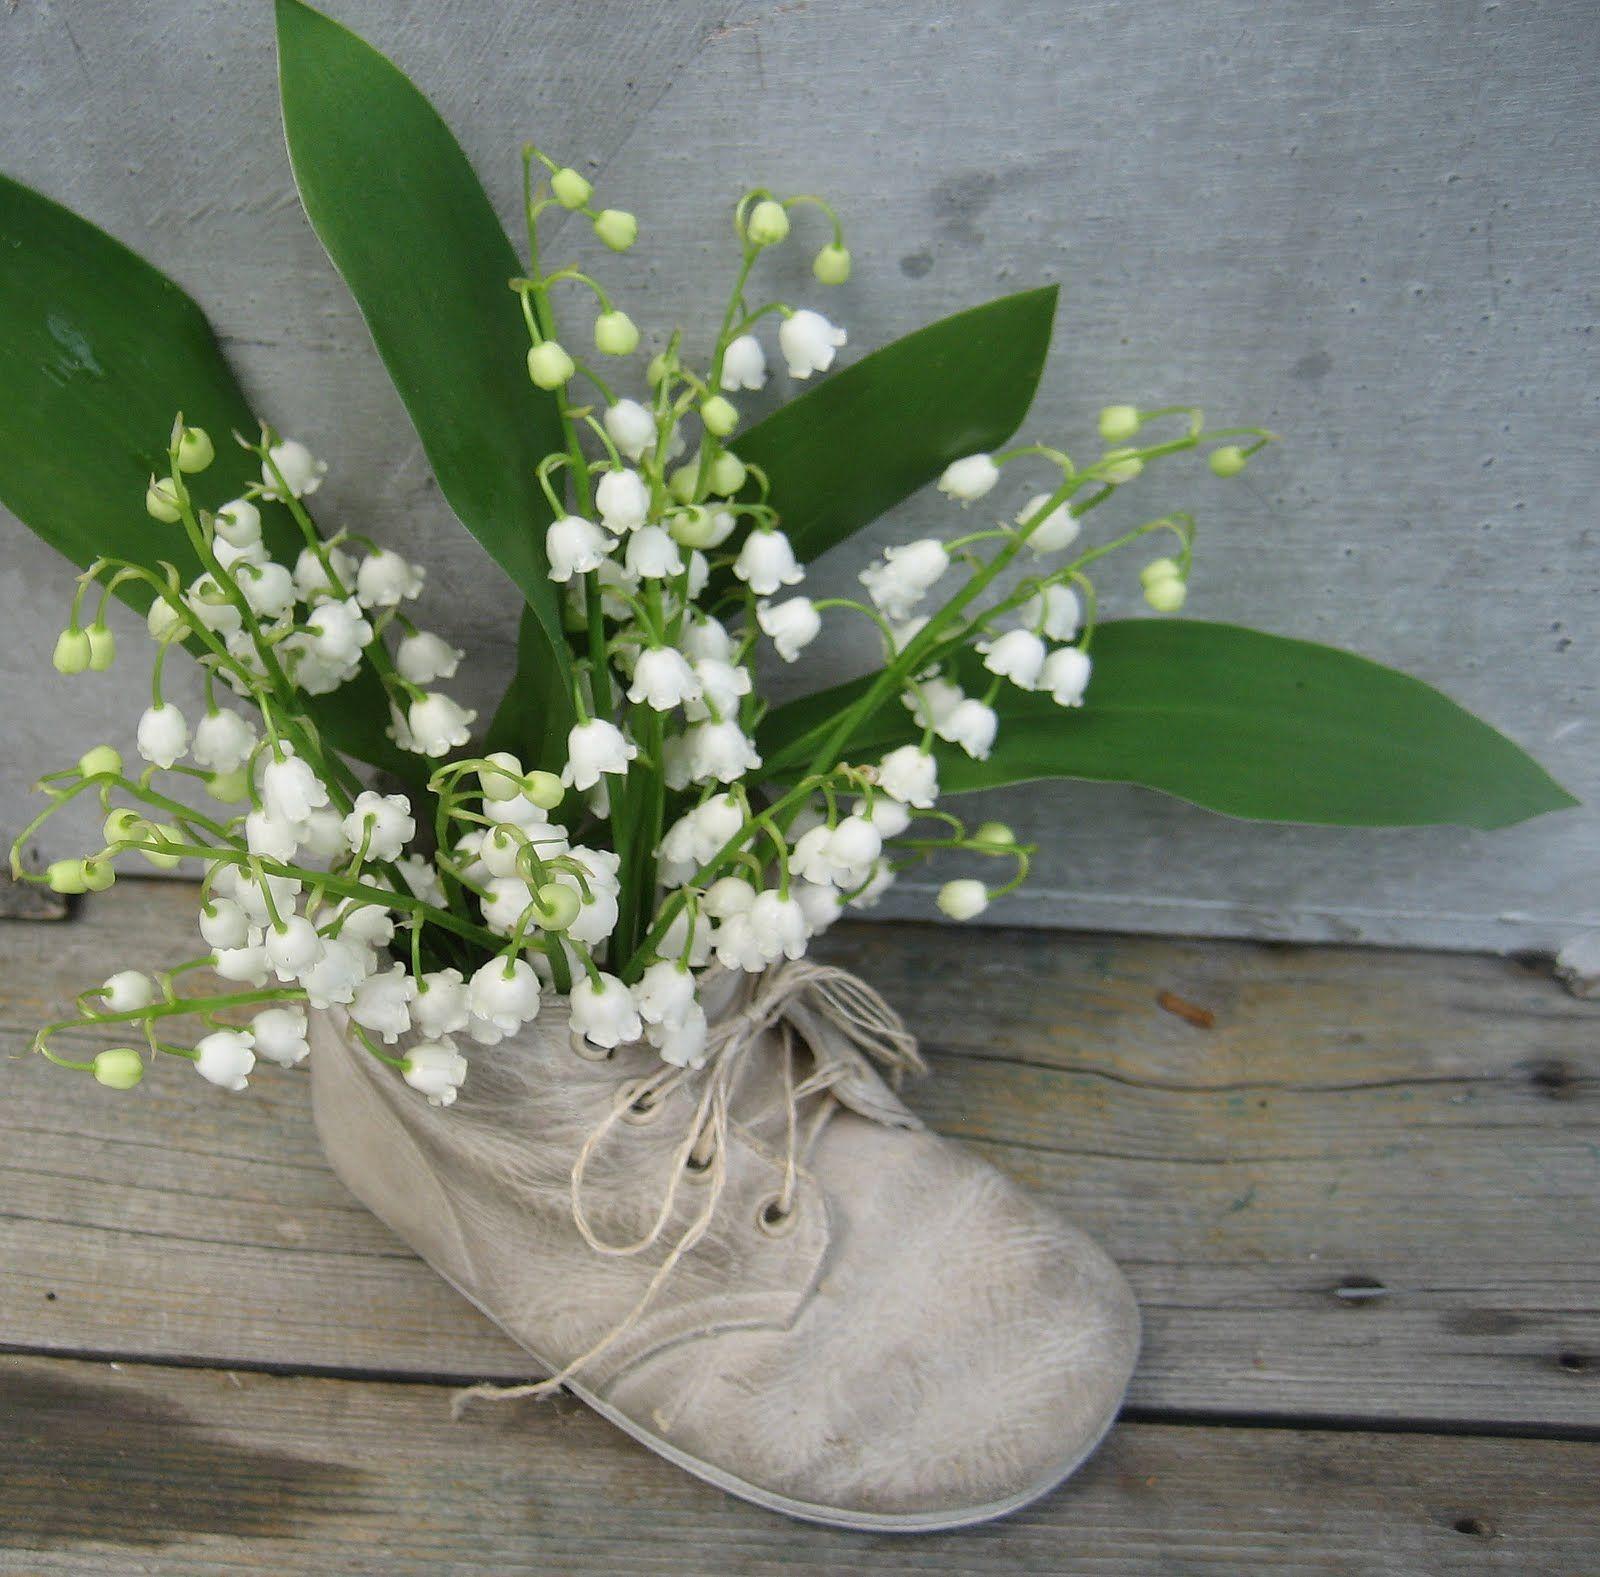 чистка это цветок в ботинке фото меня, например